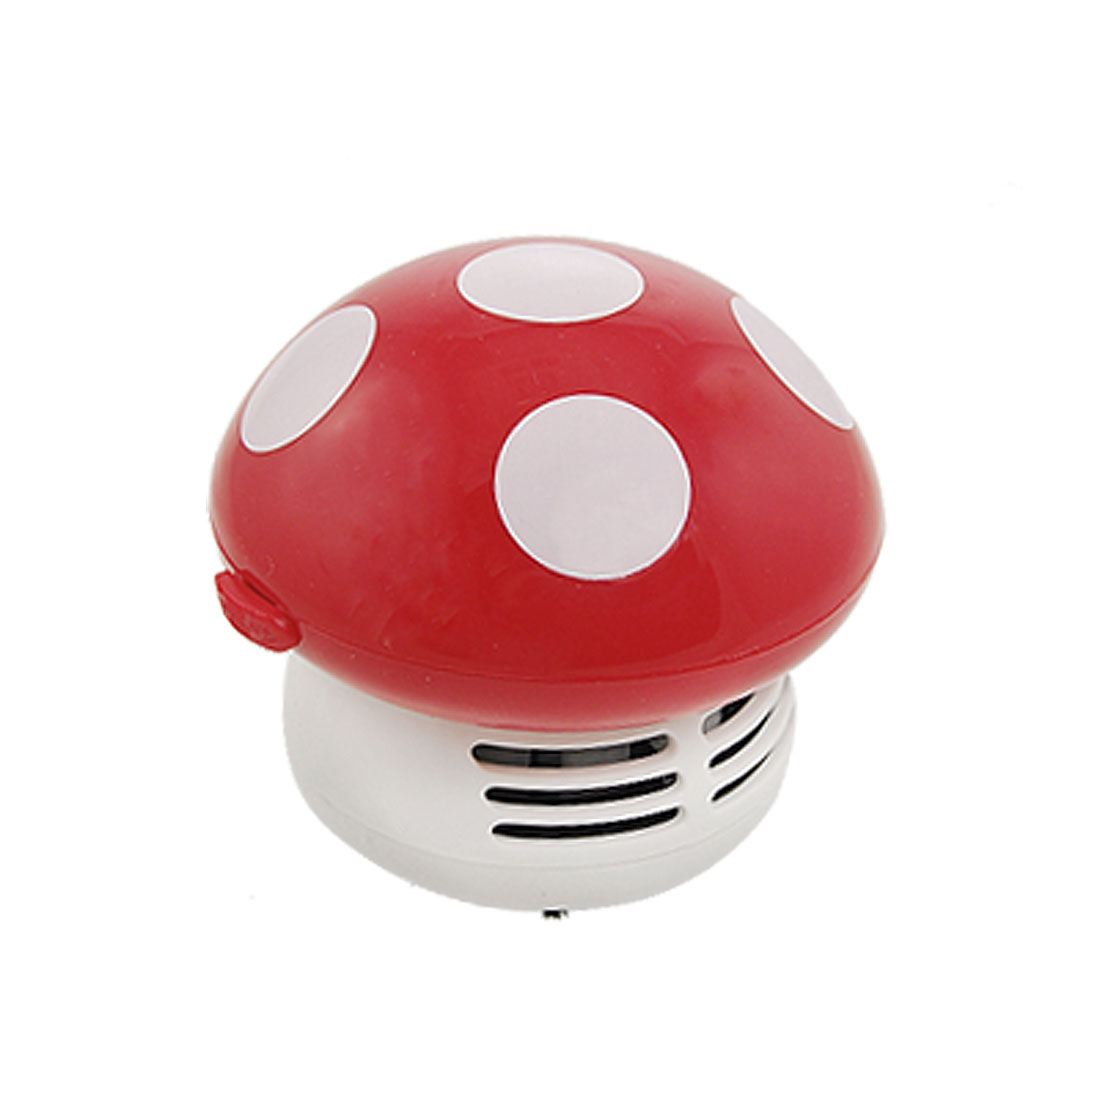 Home Office Handheld Mushroom Shape Dust Brush Desk Collector Red White